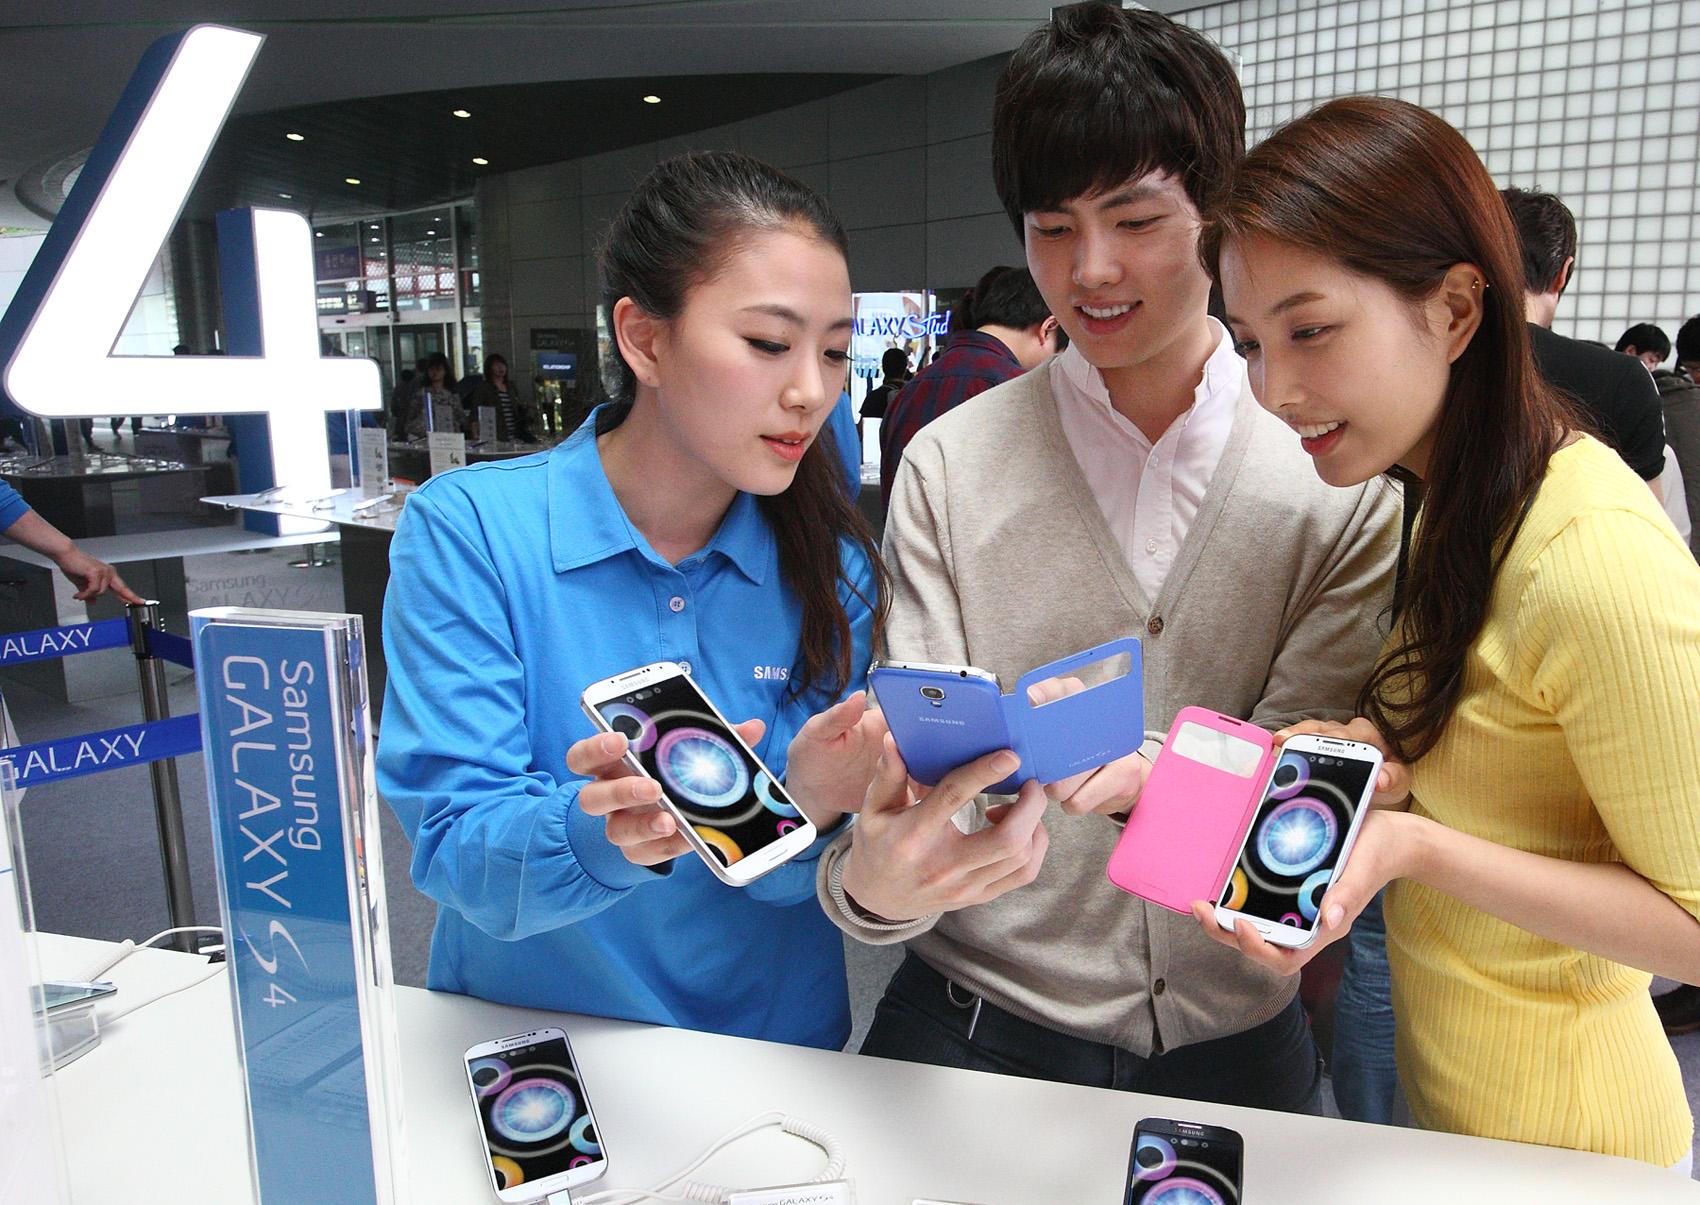 '갤럭시 S4' 체험 중심의 '갤럭시 스튜디오'를 확대 운영 용산아이파크몰 모습